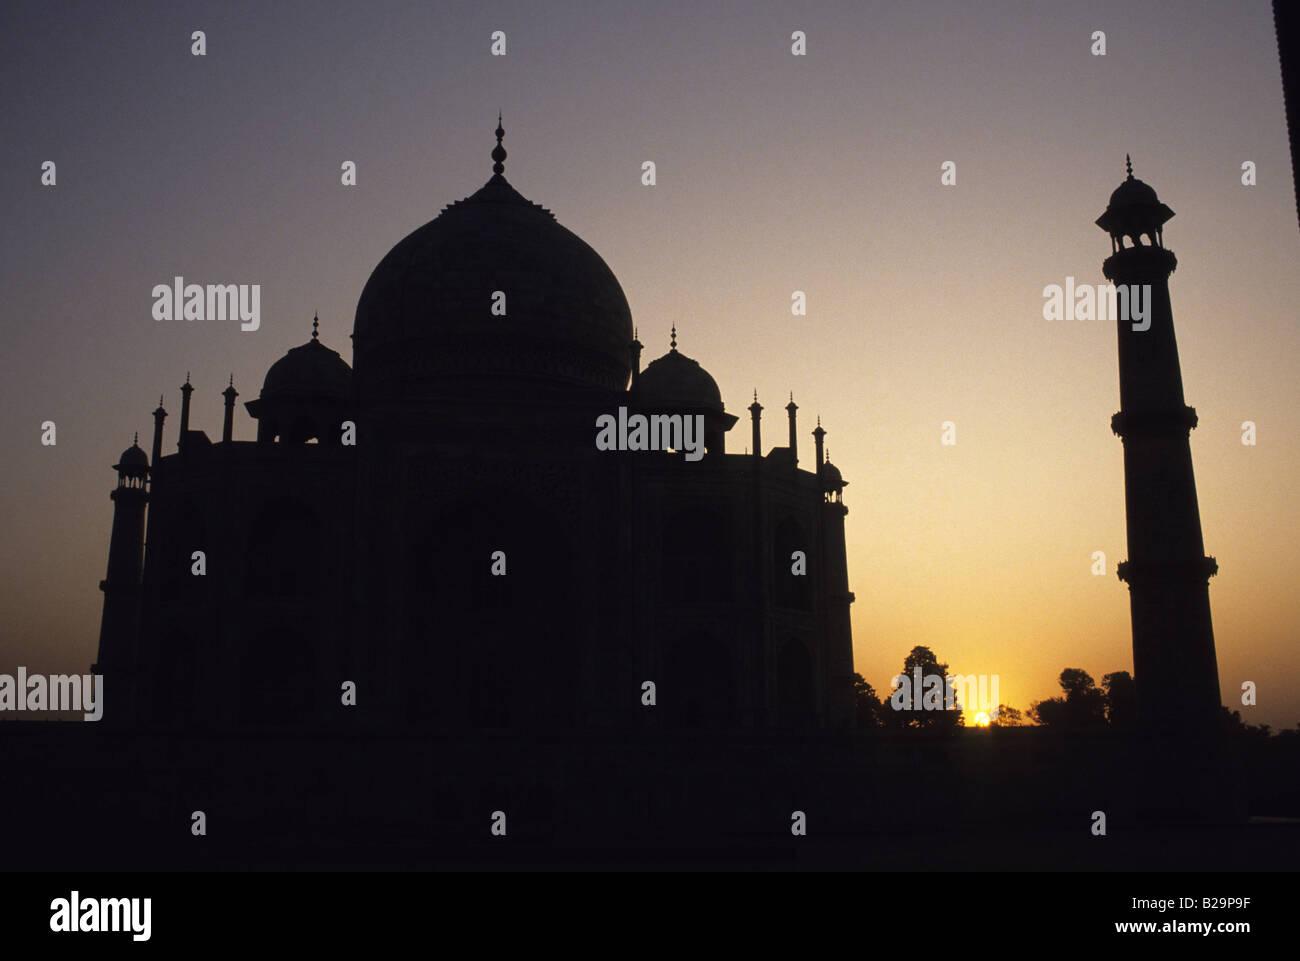 Taj Mahal Utter Pradesh India Ref WP SWIN 000644 015 Date 07 08 2007 COMPULSORY CREDIT World Pictures Photoshot - Stock Image